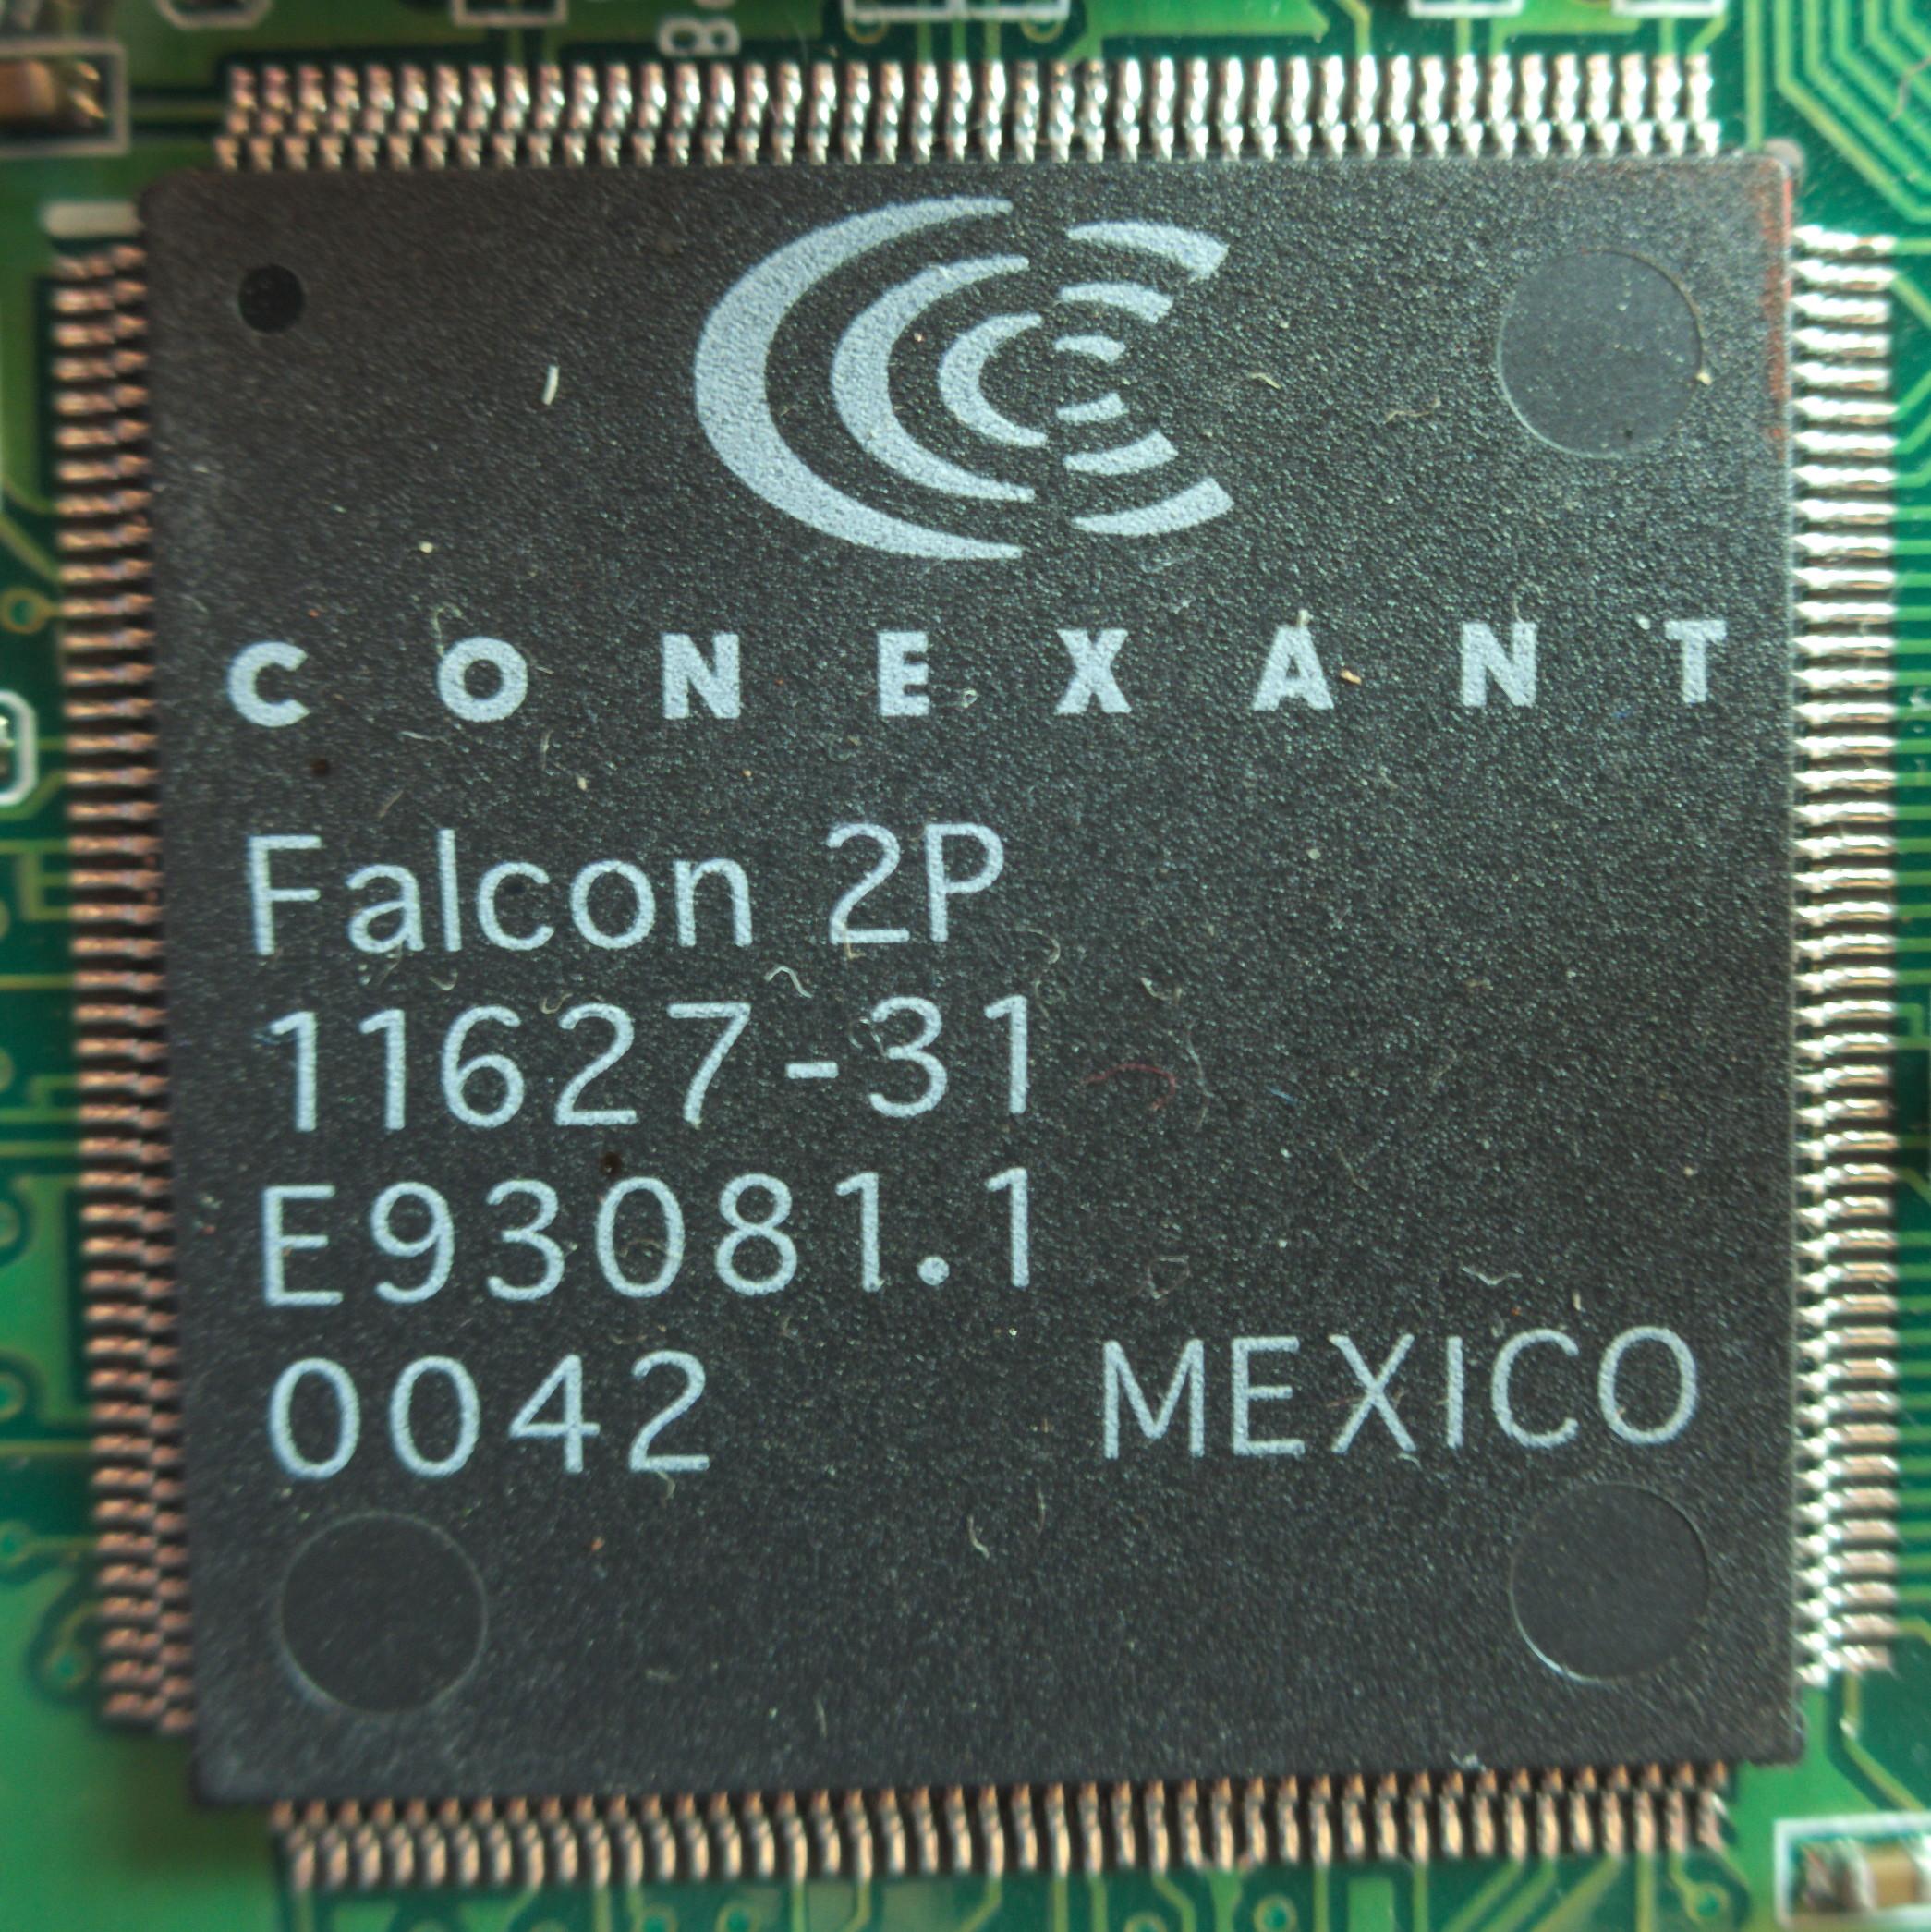 CONEXANT FALCON 2P WINDOWS 7 64BIT DRIVER